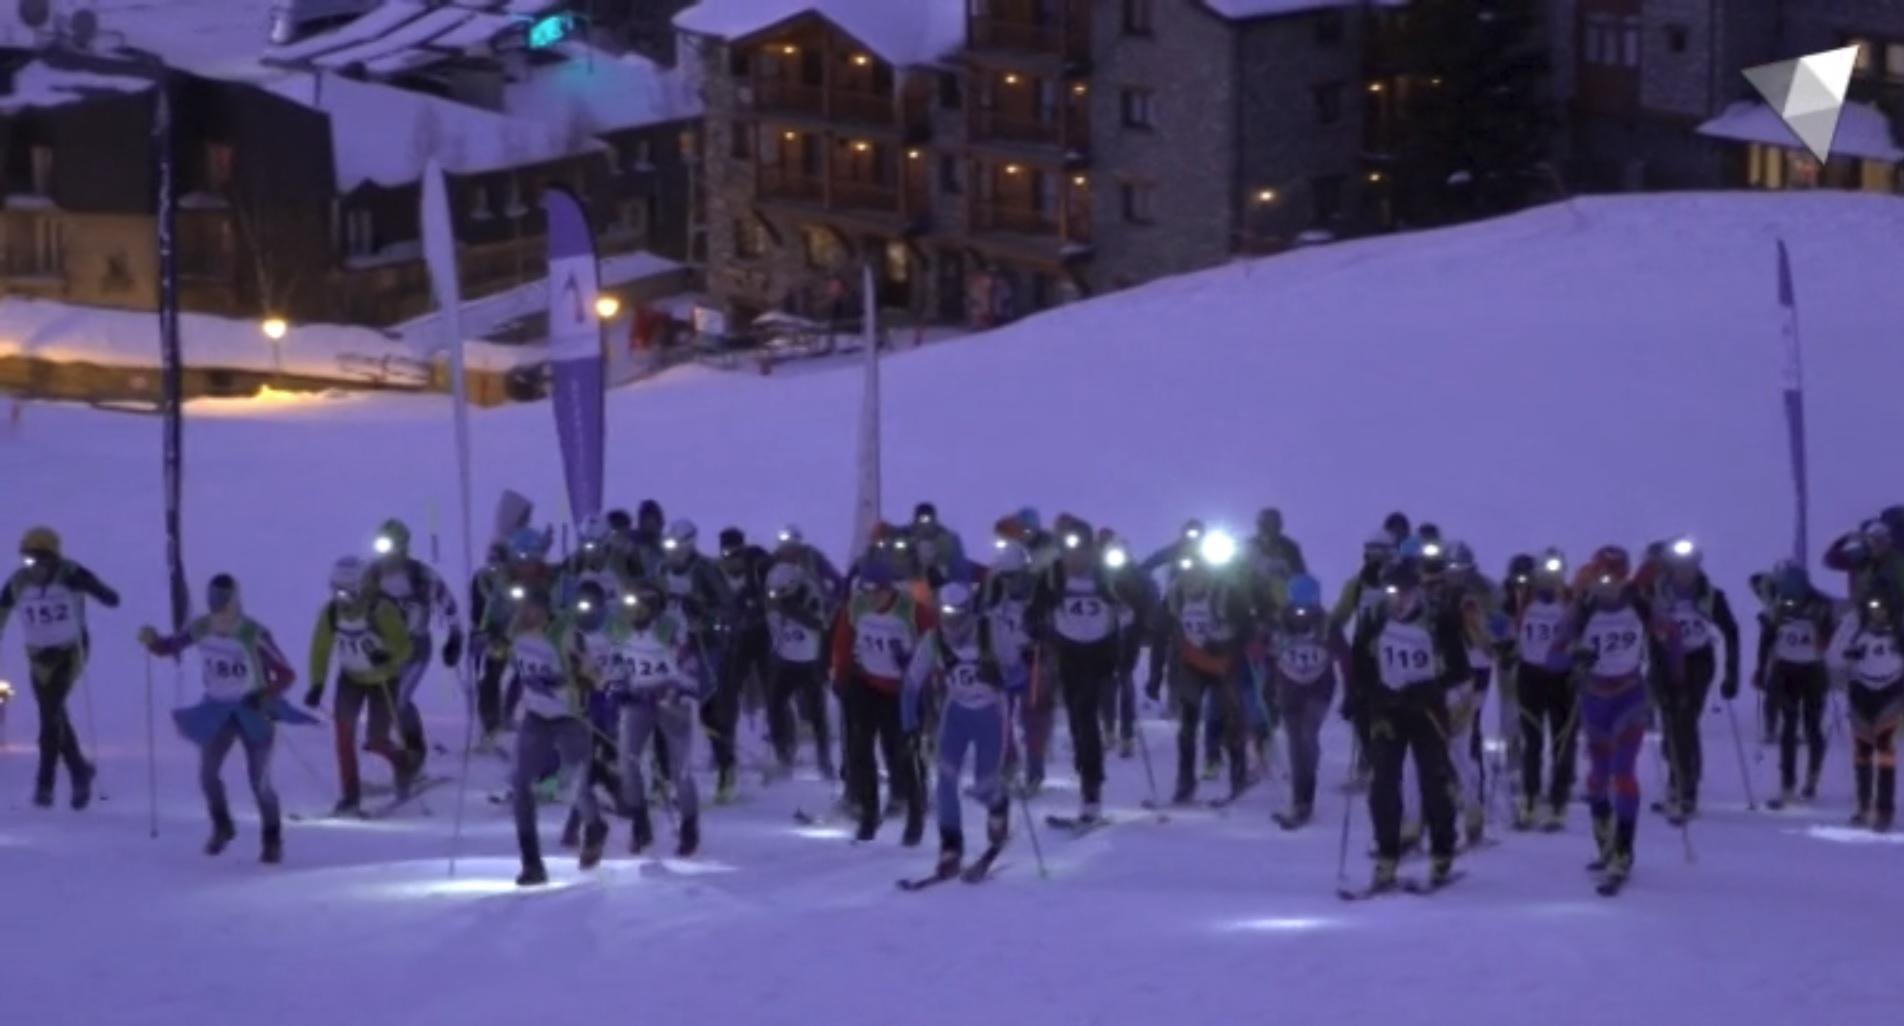 Espai Neu - Cronoescalada nocturna, molt esquí de muntanya i el millor forapista